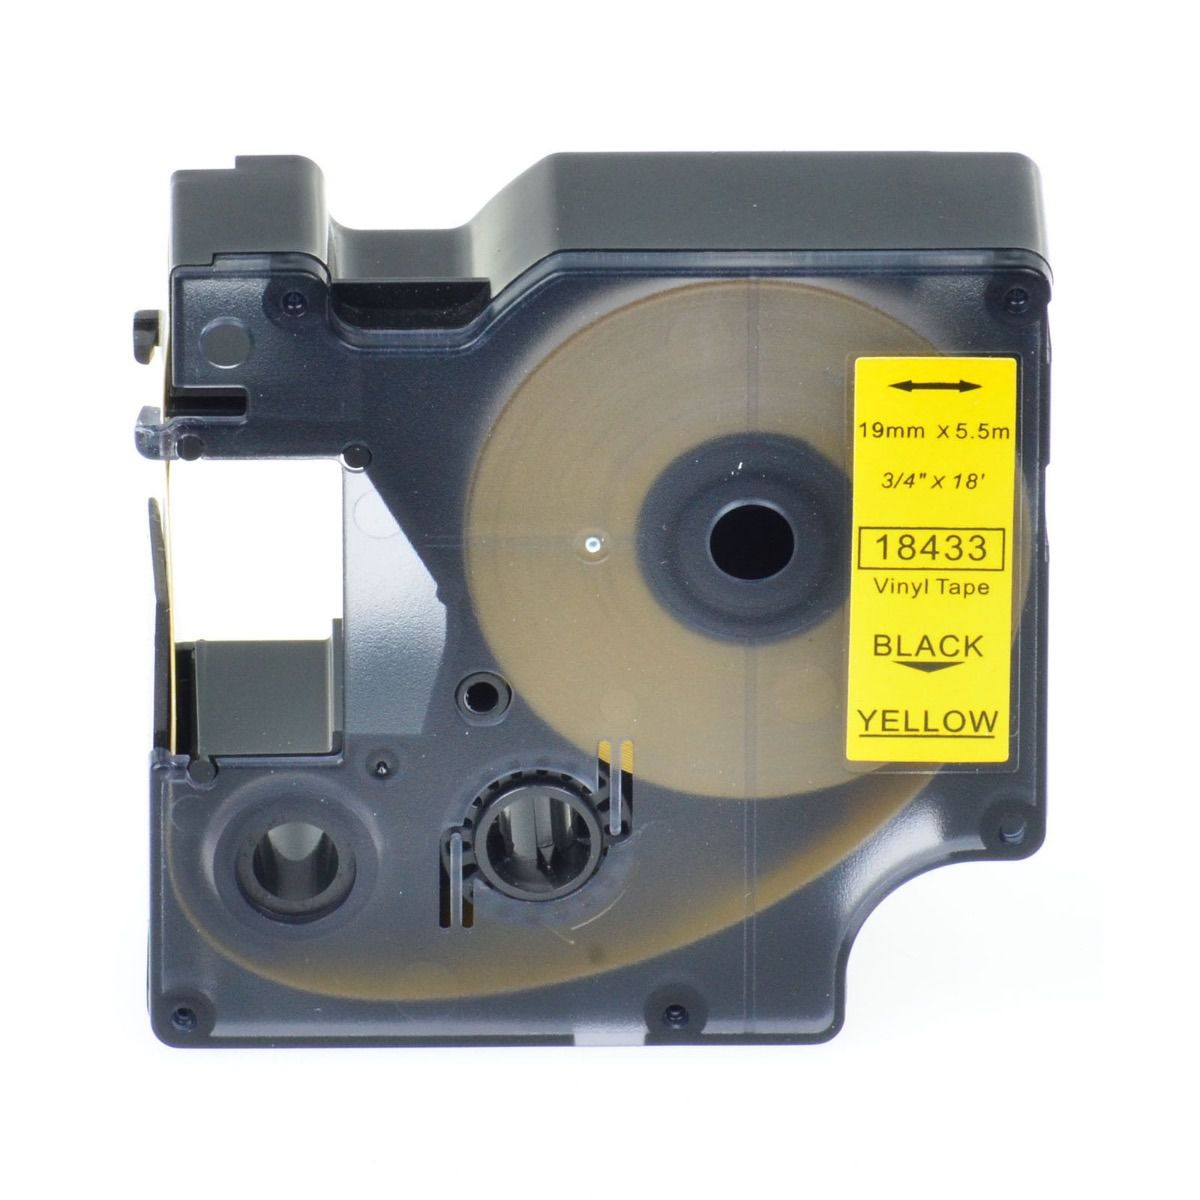 Fita Vinil (PVC) 3M Rhino Dymo 19mmX5,5m Preto no Amarelo 18433